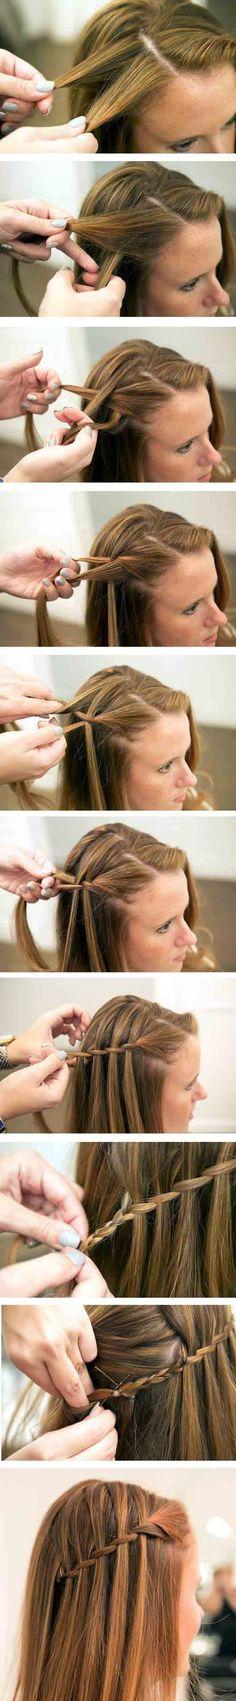 peinados faciles 45 #peinadosfaciles